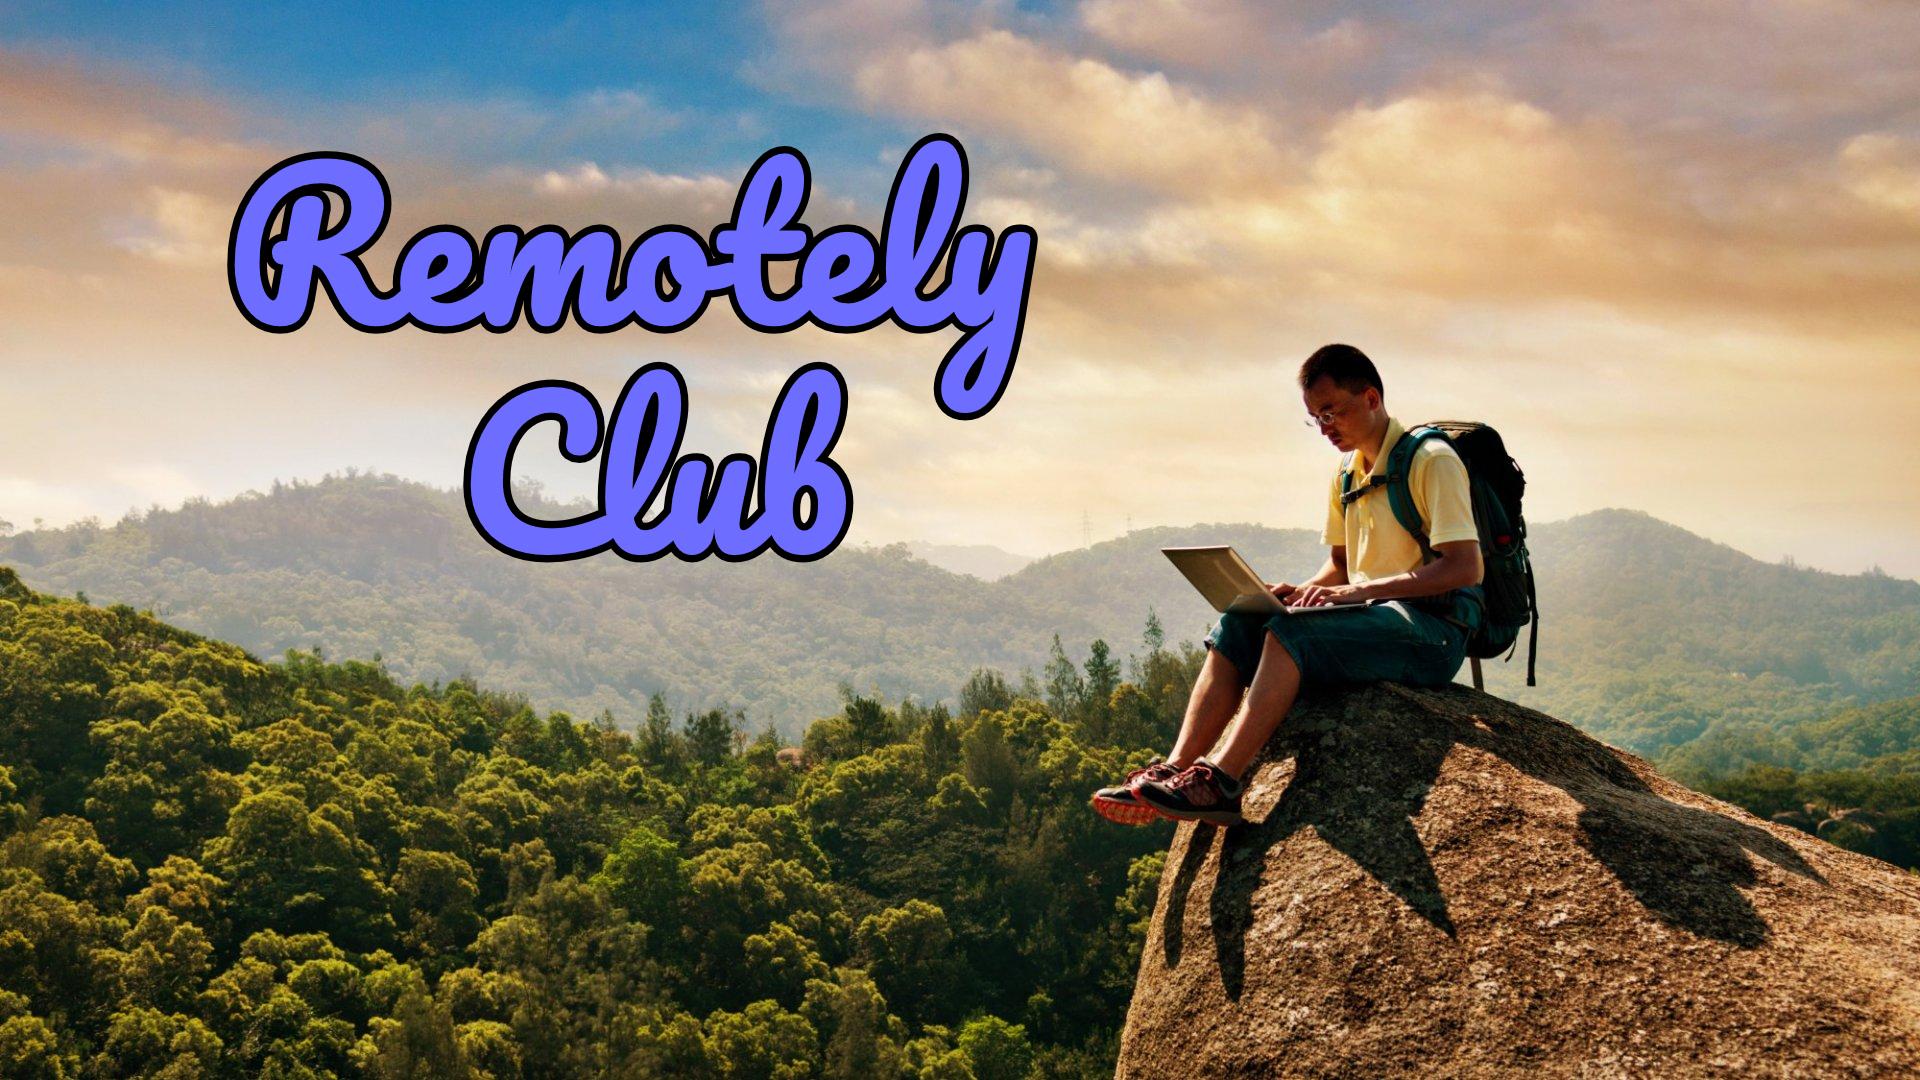 https://i.ibb.co/X4z6FBZ/Remotely-Club-Header.jpg